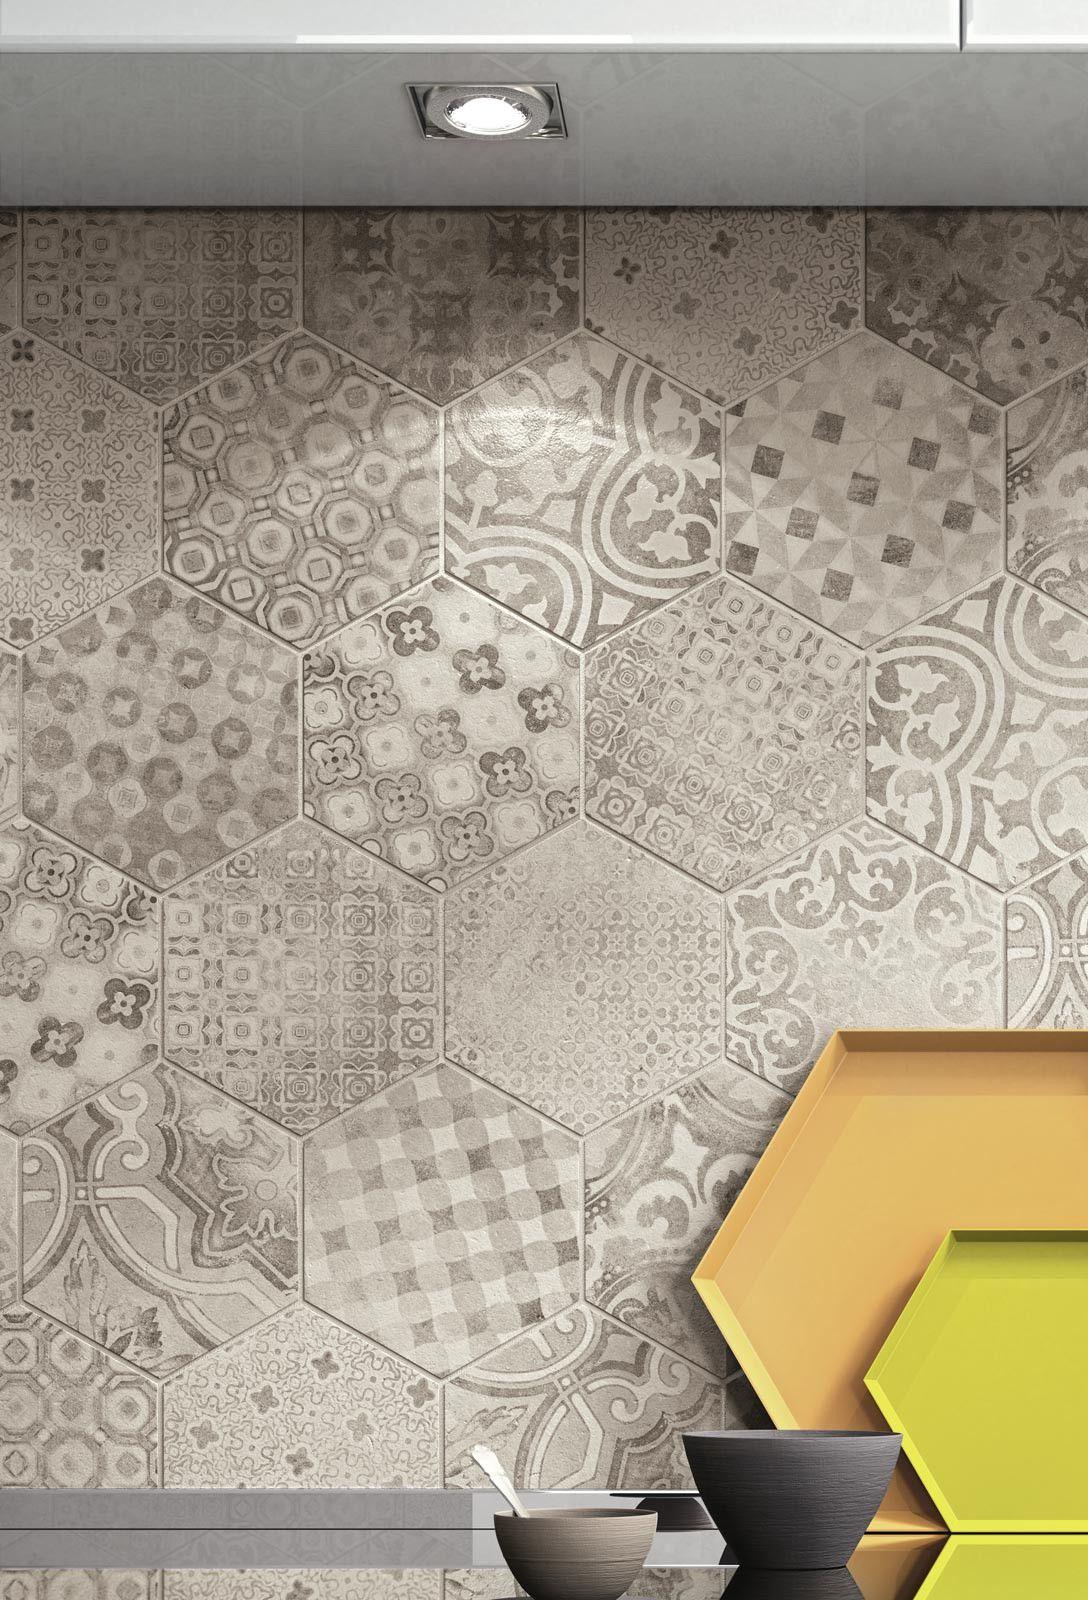 Ragno #Rewind Decoro cementine 21x18,2 cm R4DV   #Gres #decorati ...